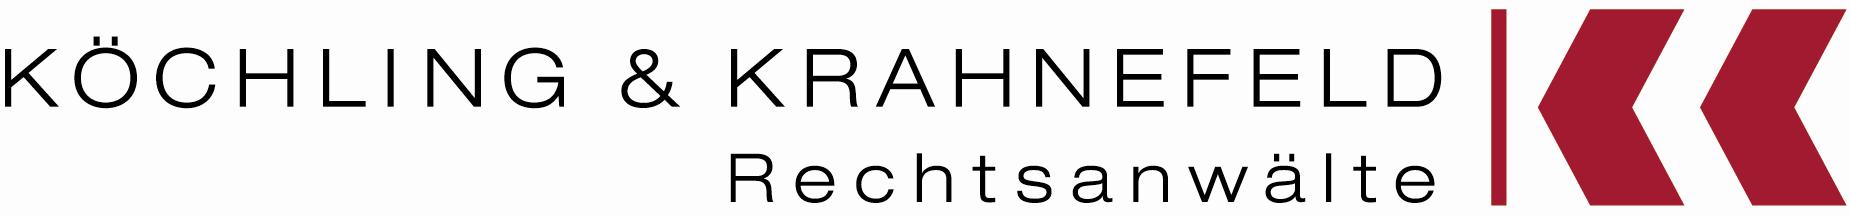 Köchling & Krahnefeld Rechtsanwälte Partnerschaft mbB